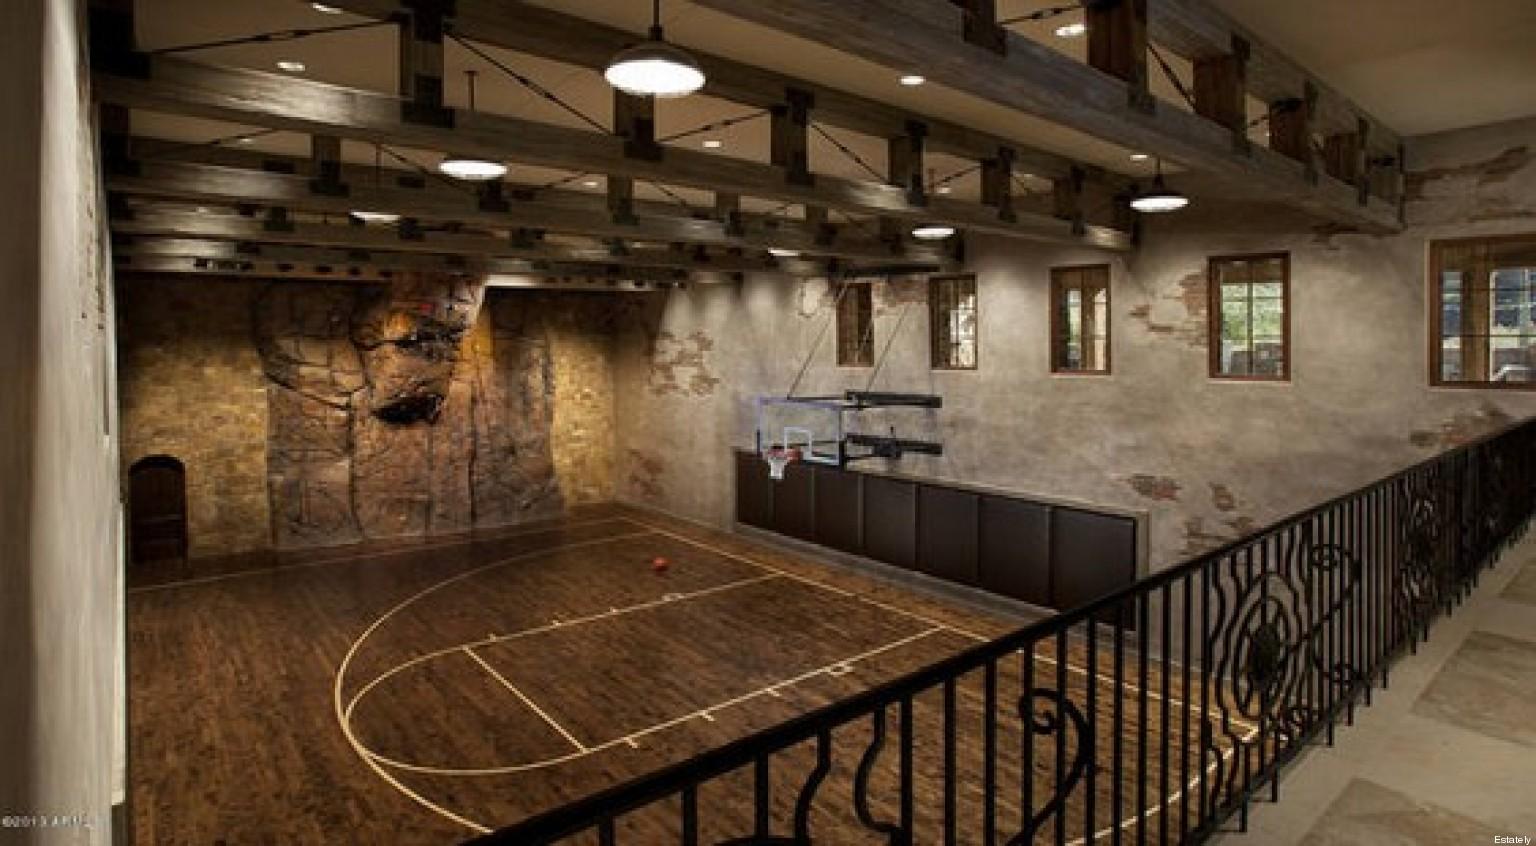 luxe et insolite 16 terrains de basket de luxe dans des maisons de luxe photos. Black Bedroom Furniture Sets. Home Design Ideas